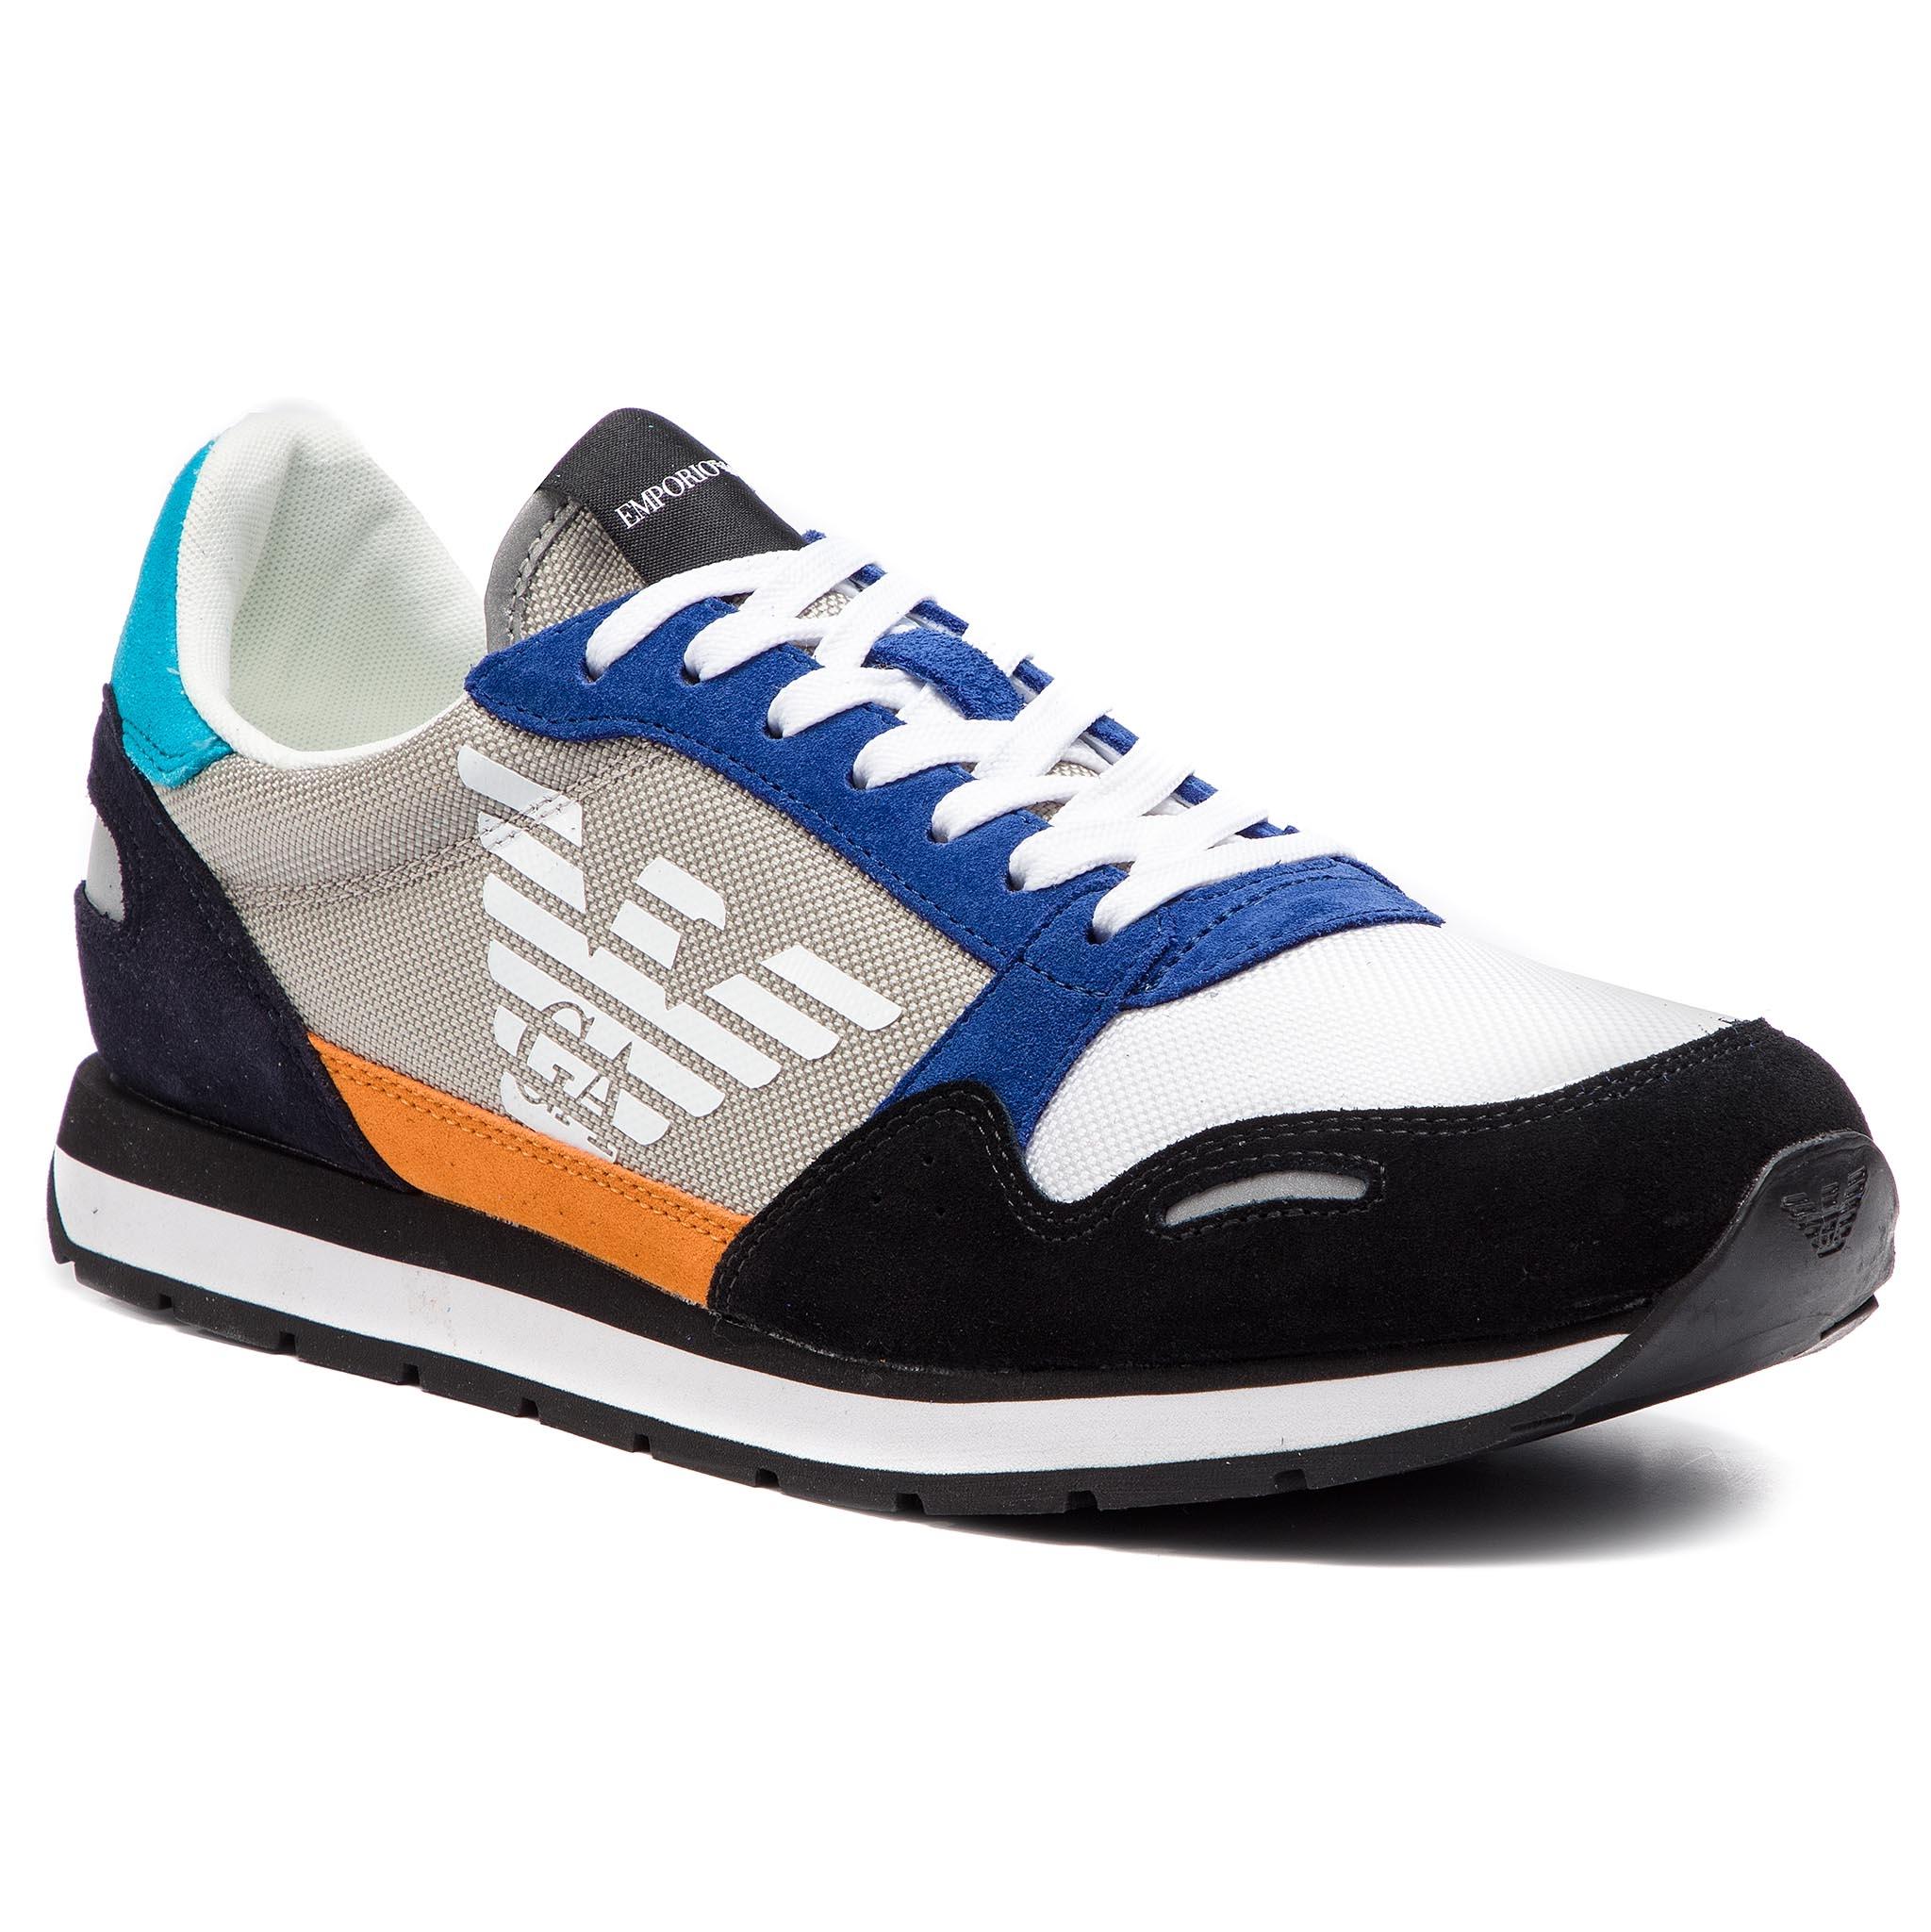 Low shoes efootwear.eu